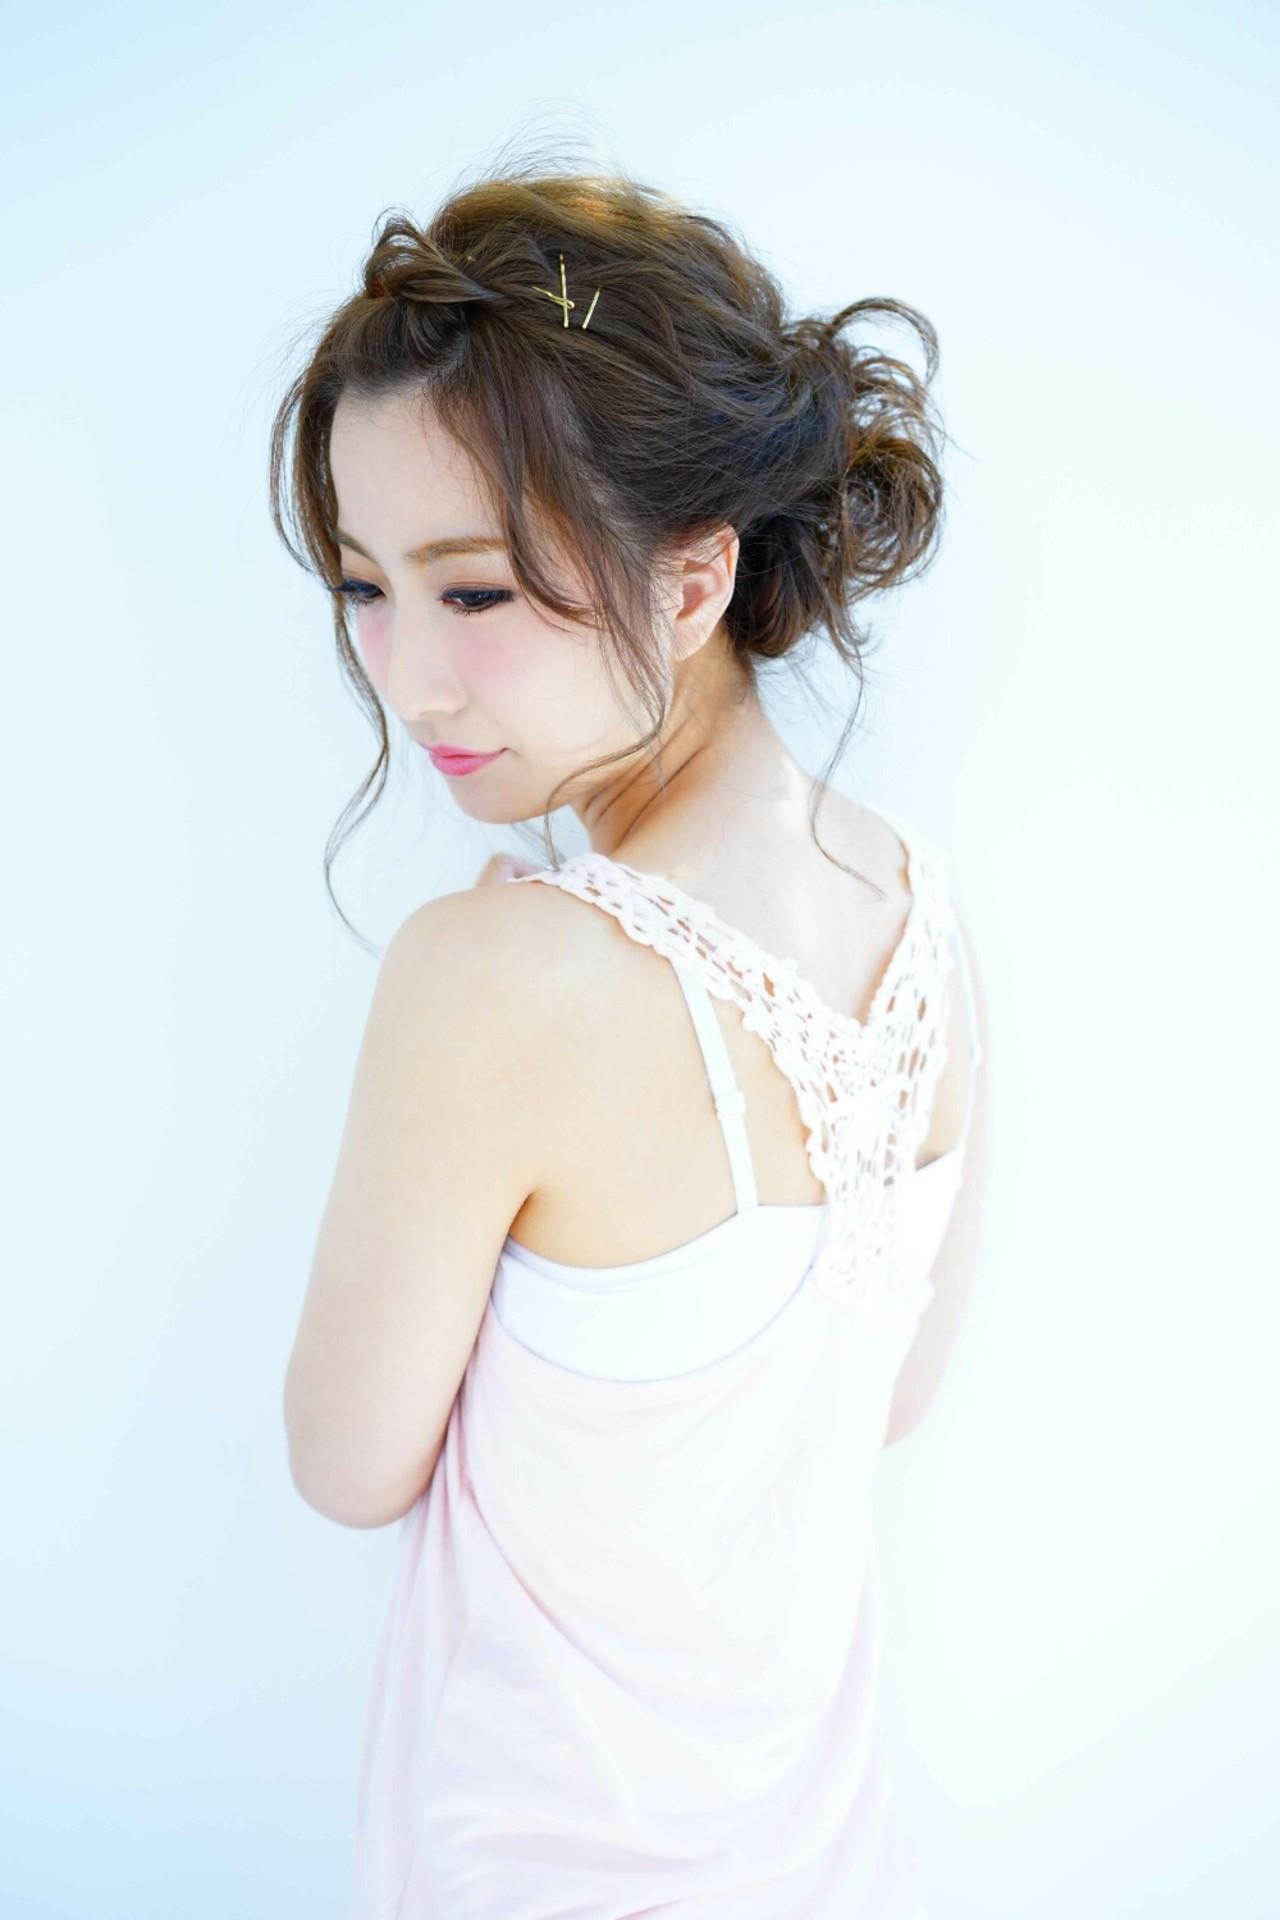 切りたくない人におすすめ! Ciel Hairdesign 代表 今田 亮